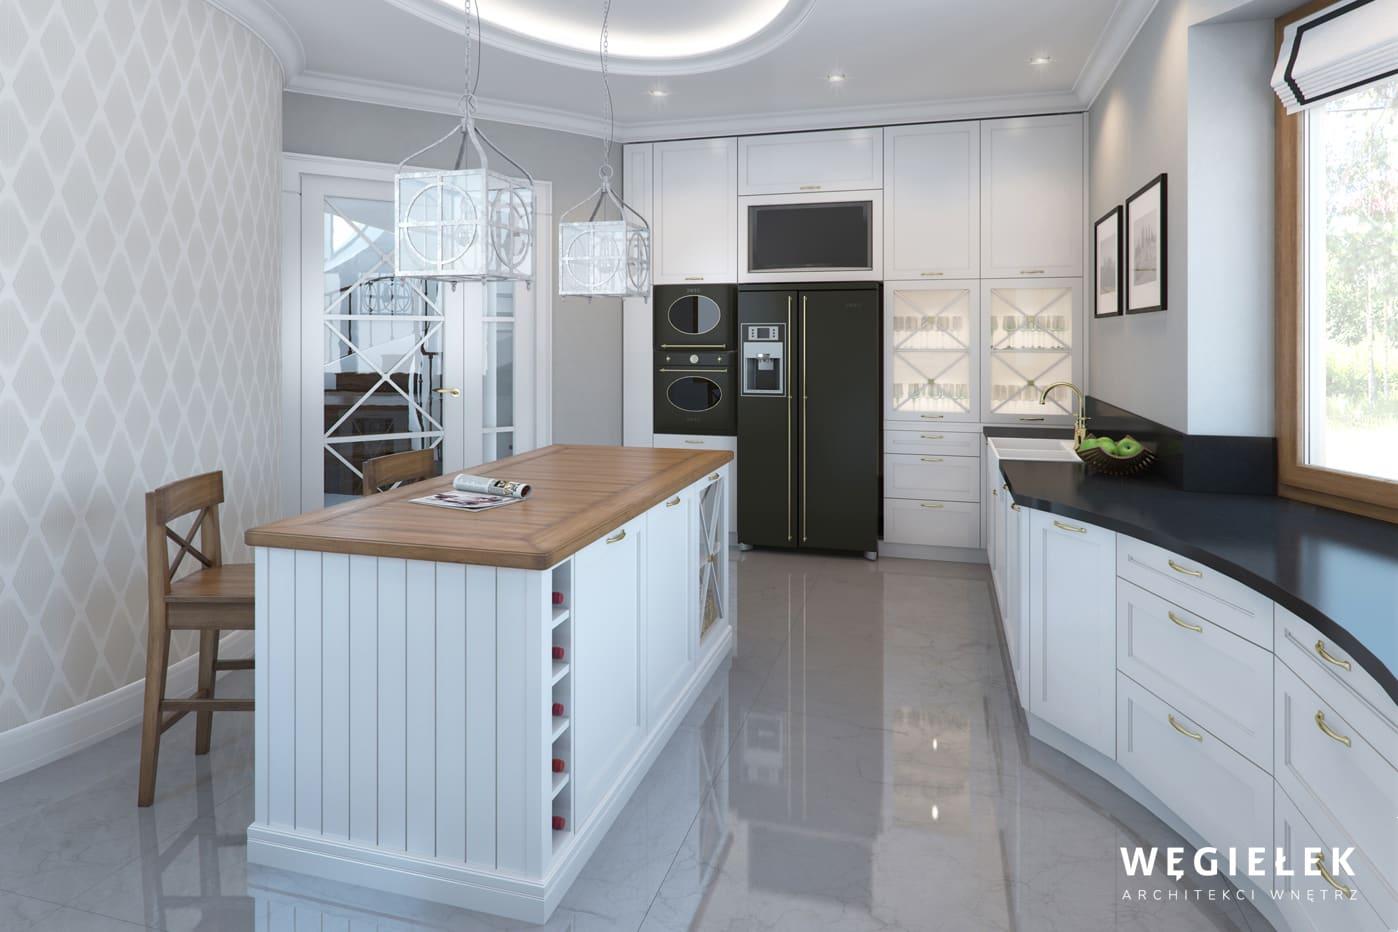 04 dom w wilanowie kuchnia klasyczna wyspa